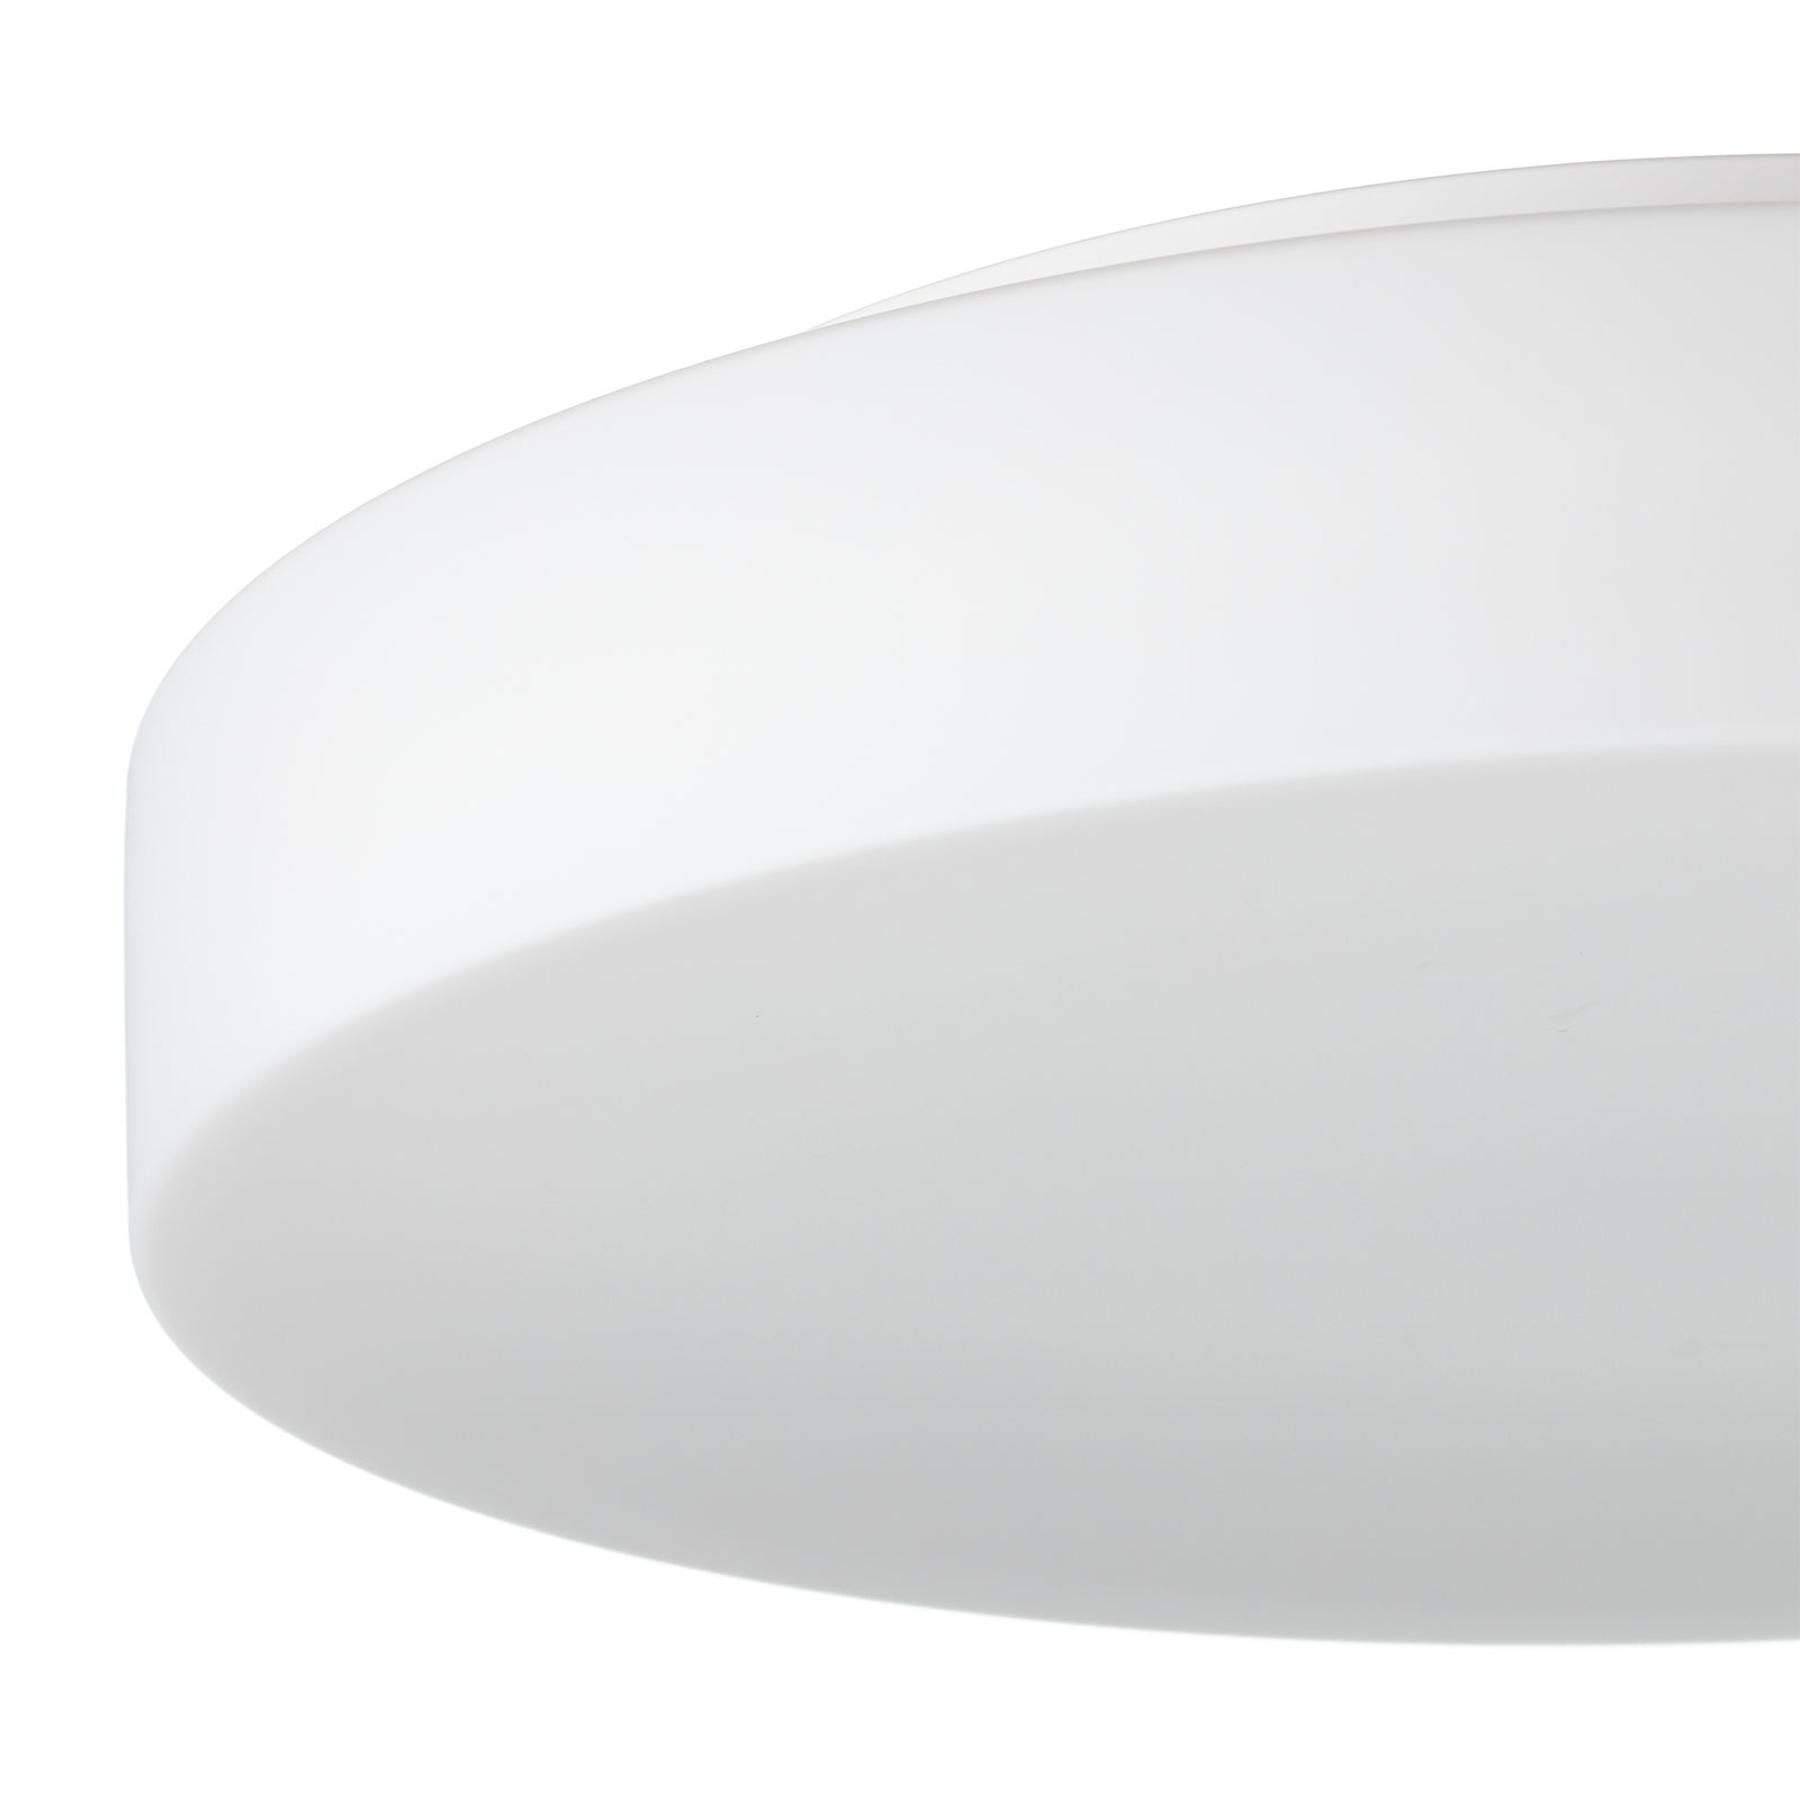 BEGA 34288 LED plafondlamp glas DALI 4.000K Ø 39cm